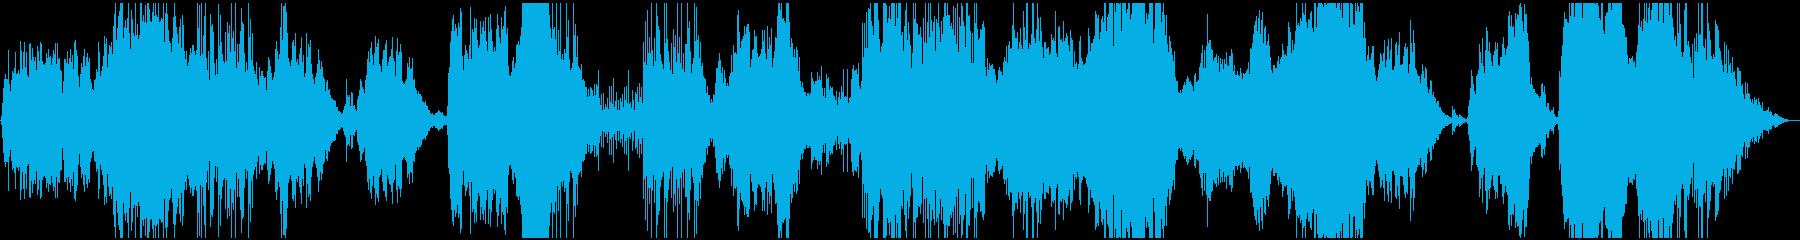 山の朝と大自然のアンビエントBGMの再生済みの波形